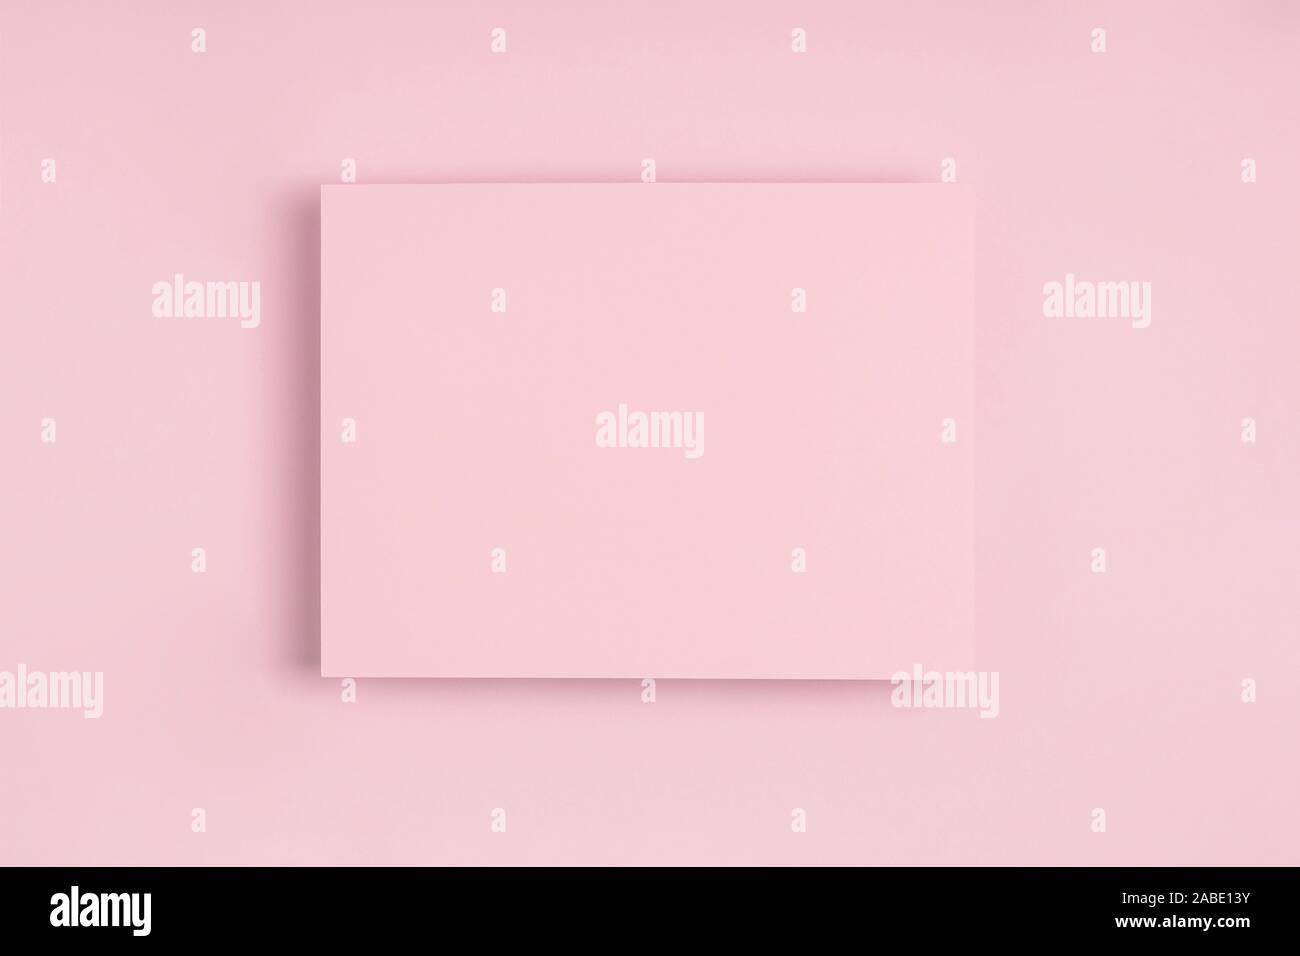 Minimale frame geometrischen Zusammensetzung mock up. Leeres Blatt rosa Papier Postkarte auf zarten Pastelltönen Hintergrund. Template design Einladungskarte. Ansicht von oben, flach, kopieren. Horizontale Ausrichtung. Stockfoto